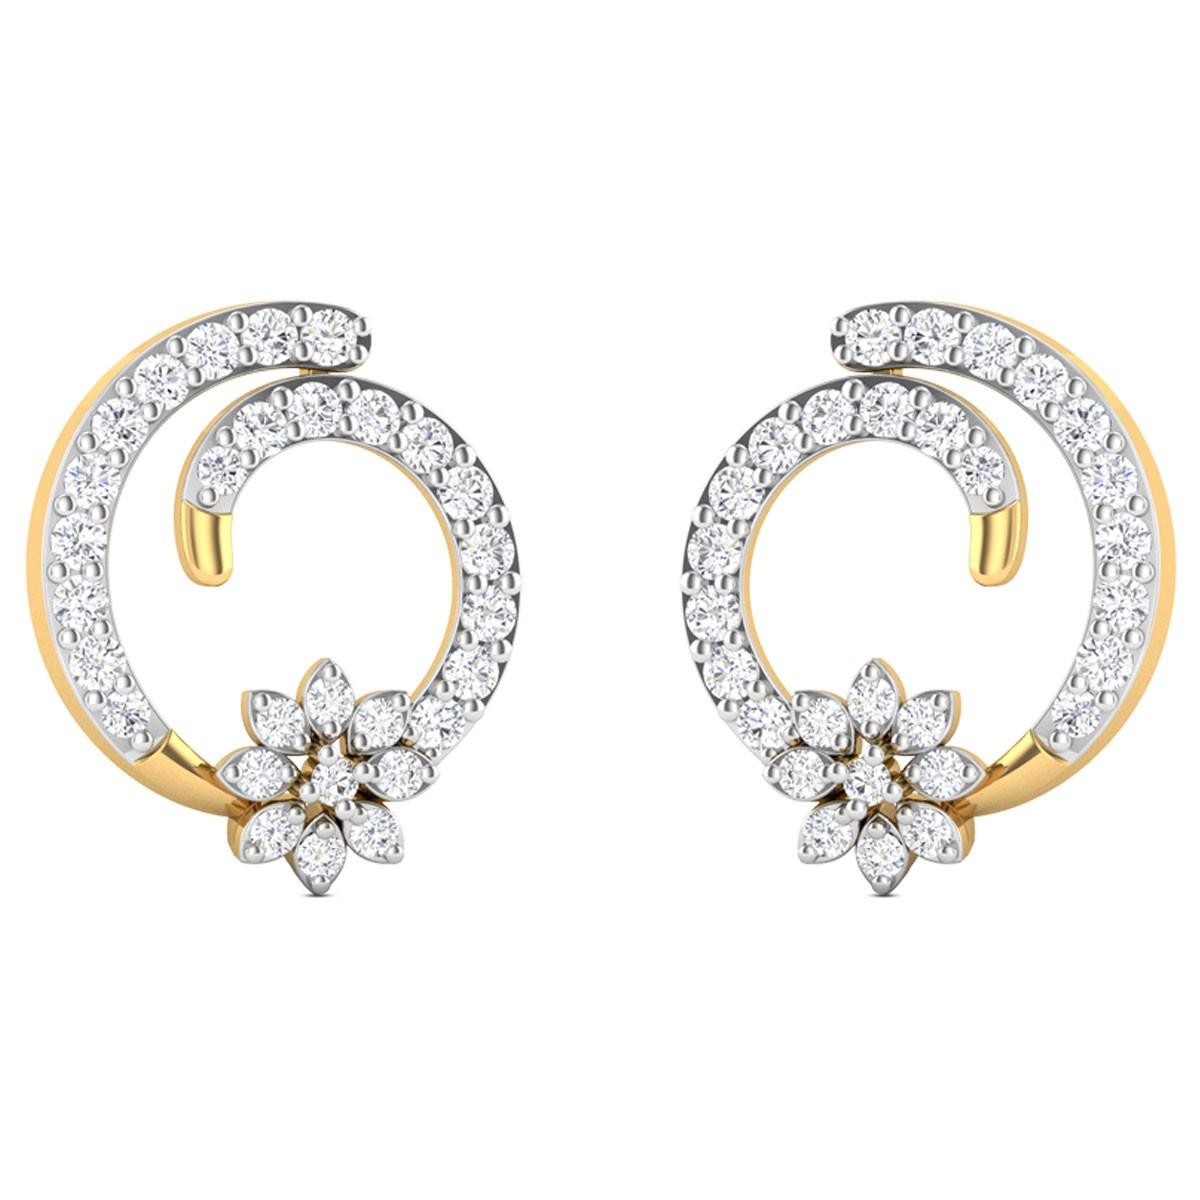 Sameen Diamond Earrings